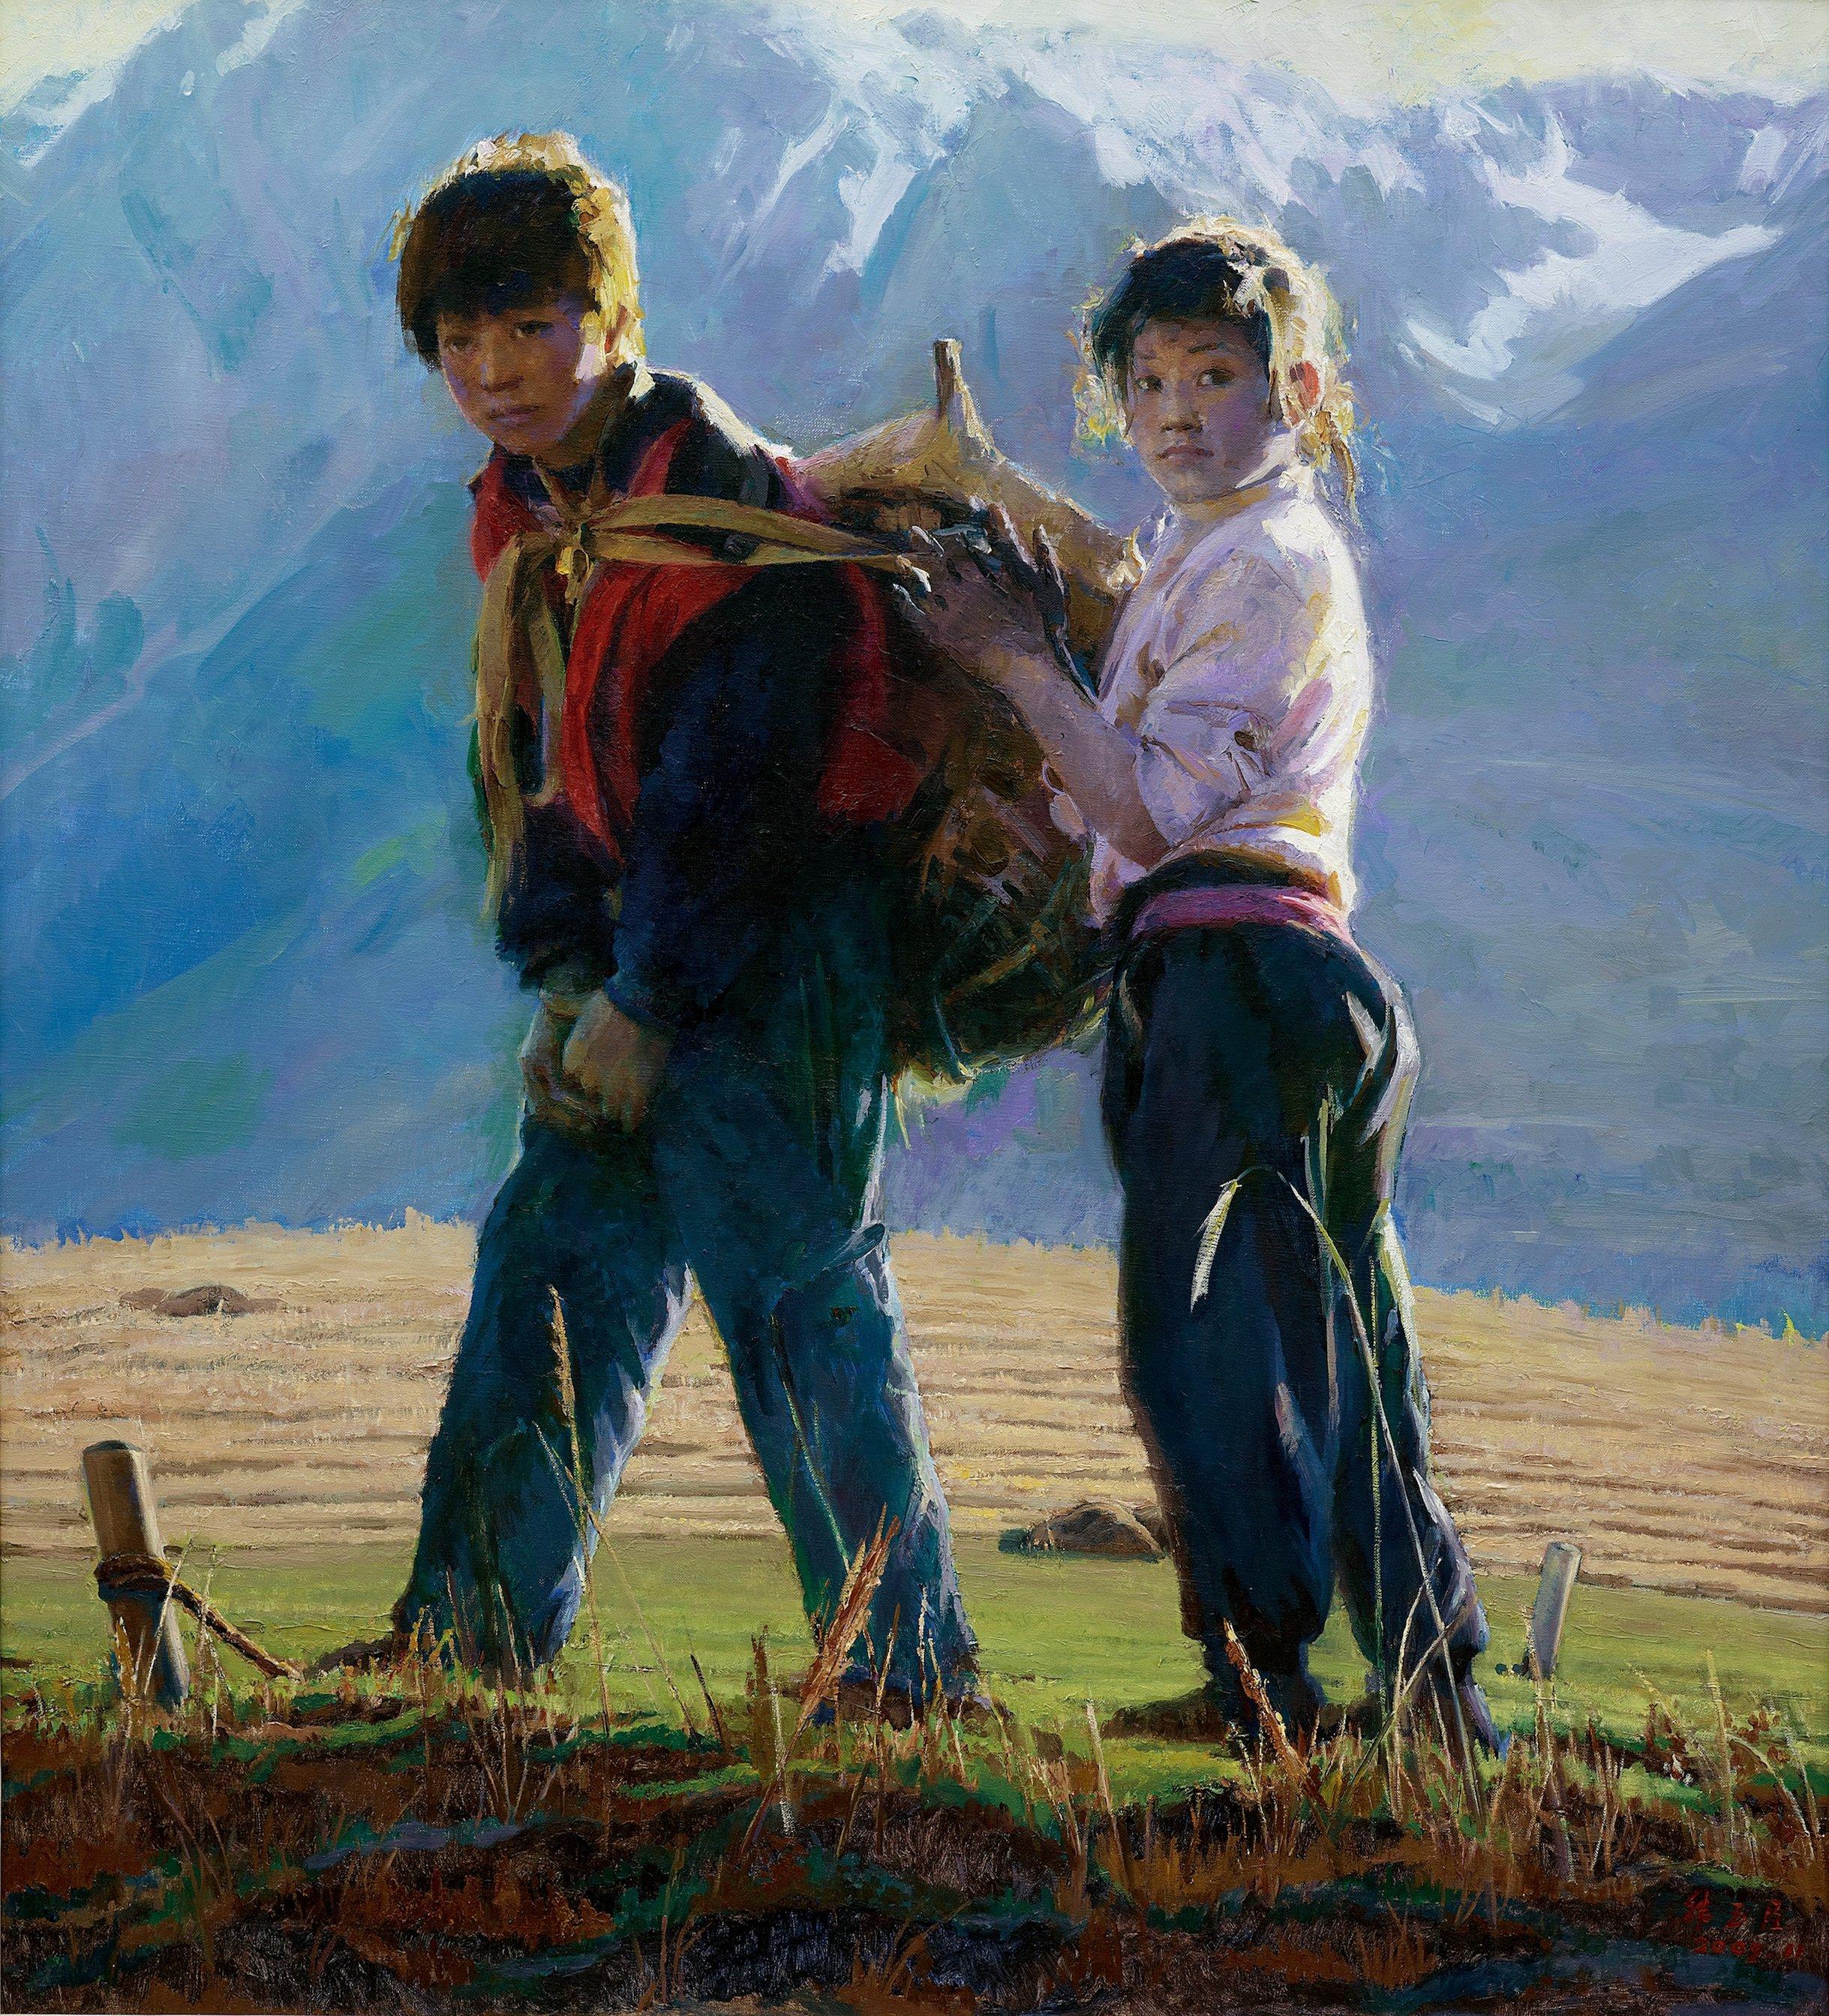 L'artiste chinois Han Yuchen - Masterpiece de Londres 5b144c74bbddbd44c879206e